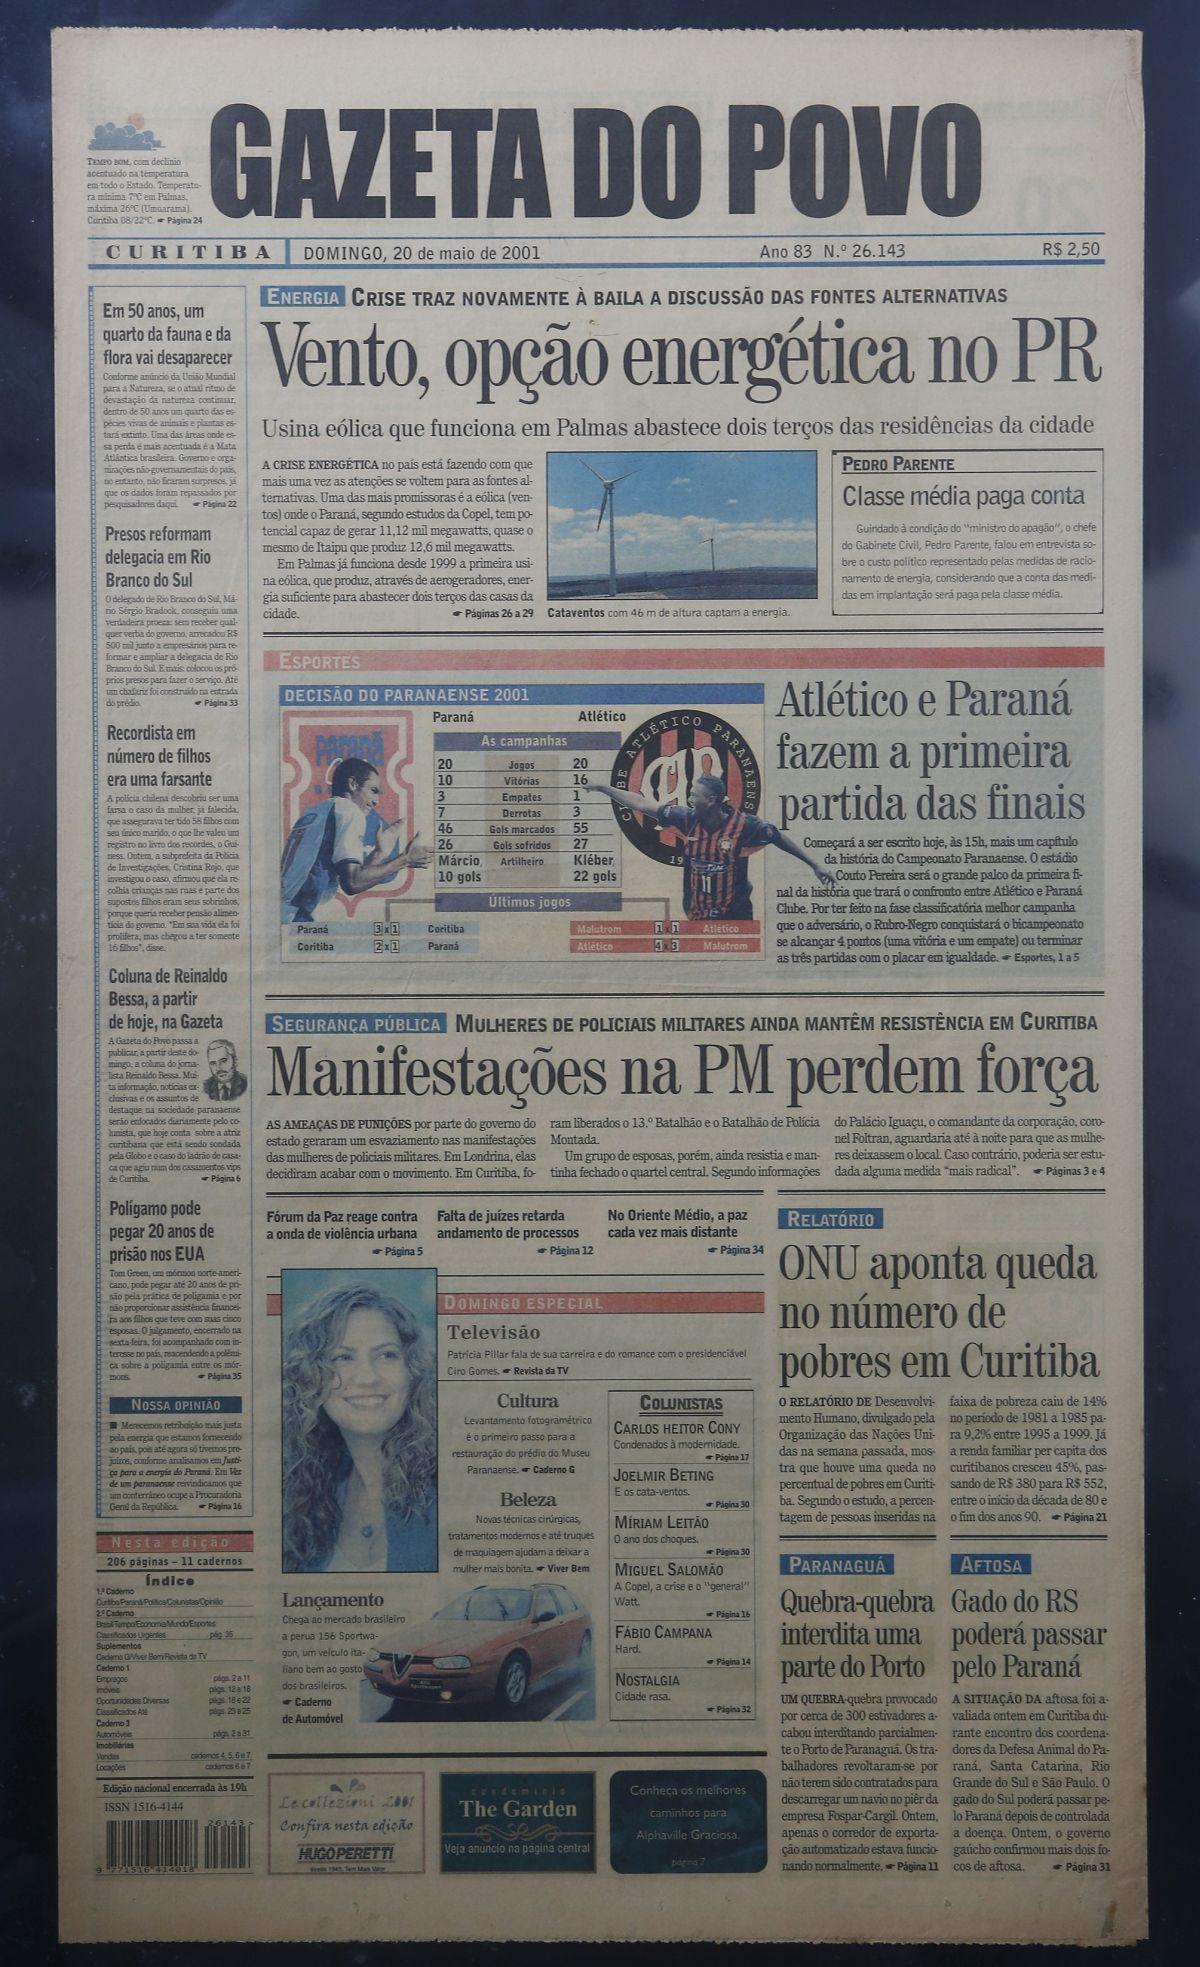 Primeira página da Gazeta do Povo do dia 20 de maio de 2001, edição de estreia da coluna.